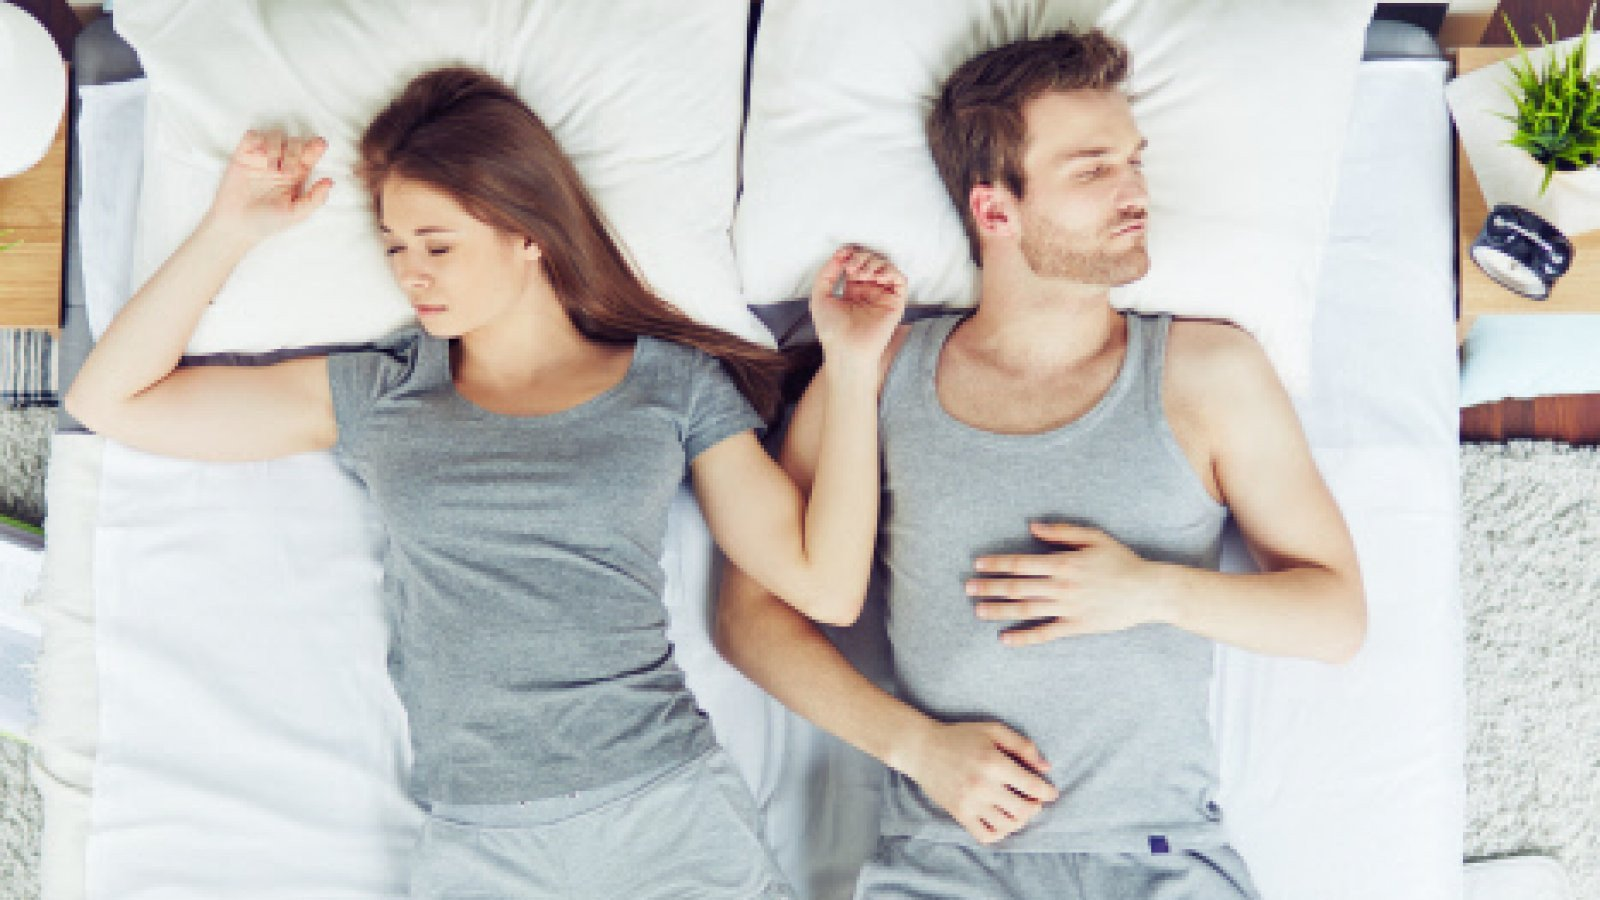 Dormir cada uno por su lado indica que buscan su espacio.